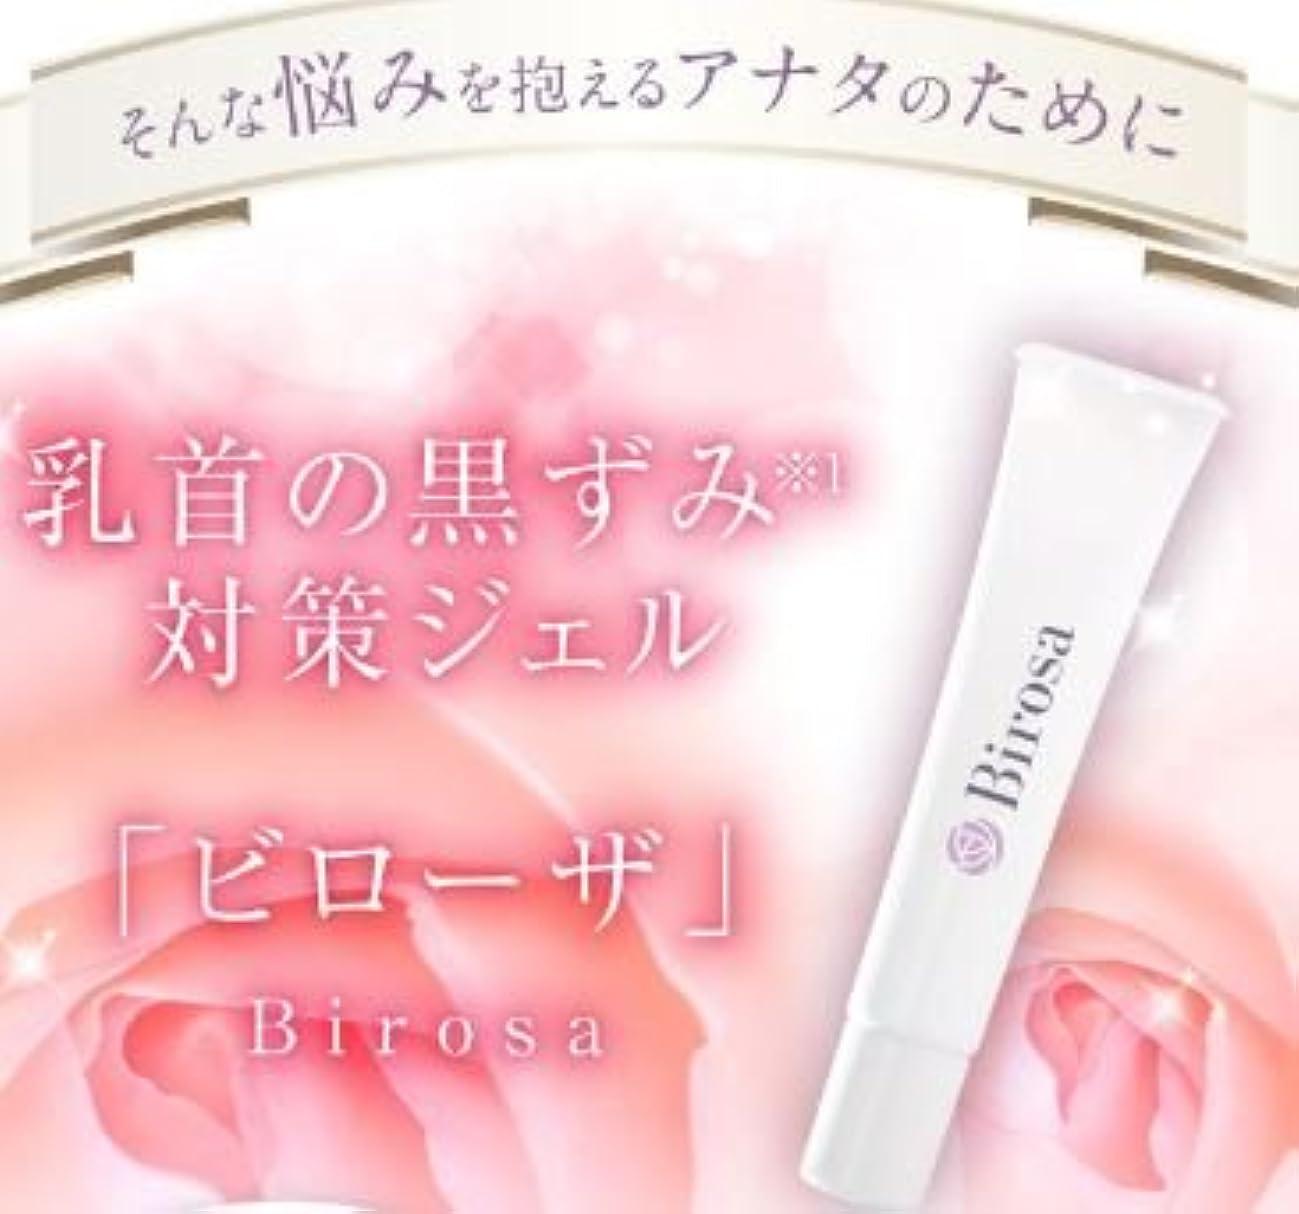 悪党懐適性Birosa  ビローザ  美白ジェル (医薬部外品) 40g